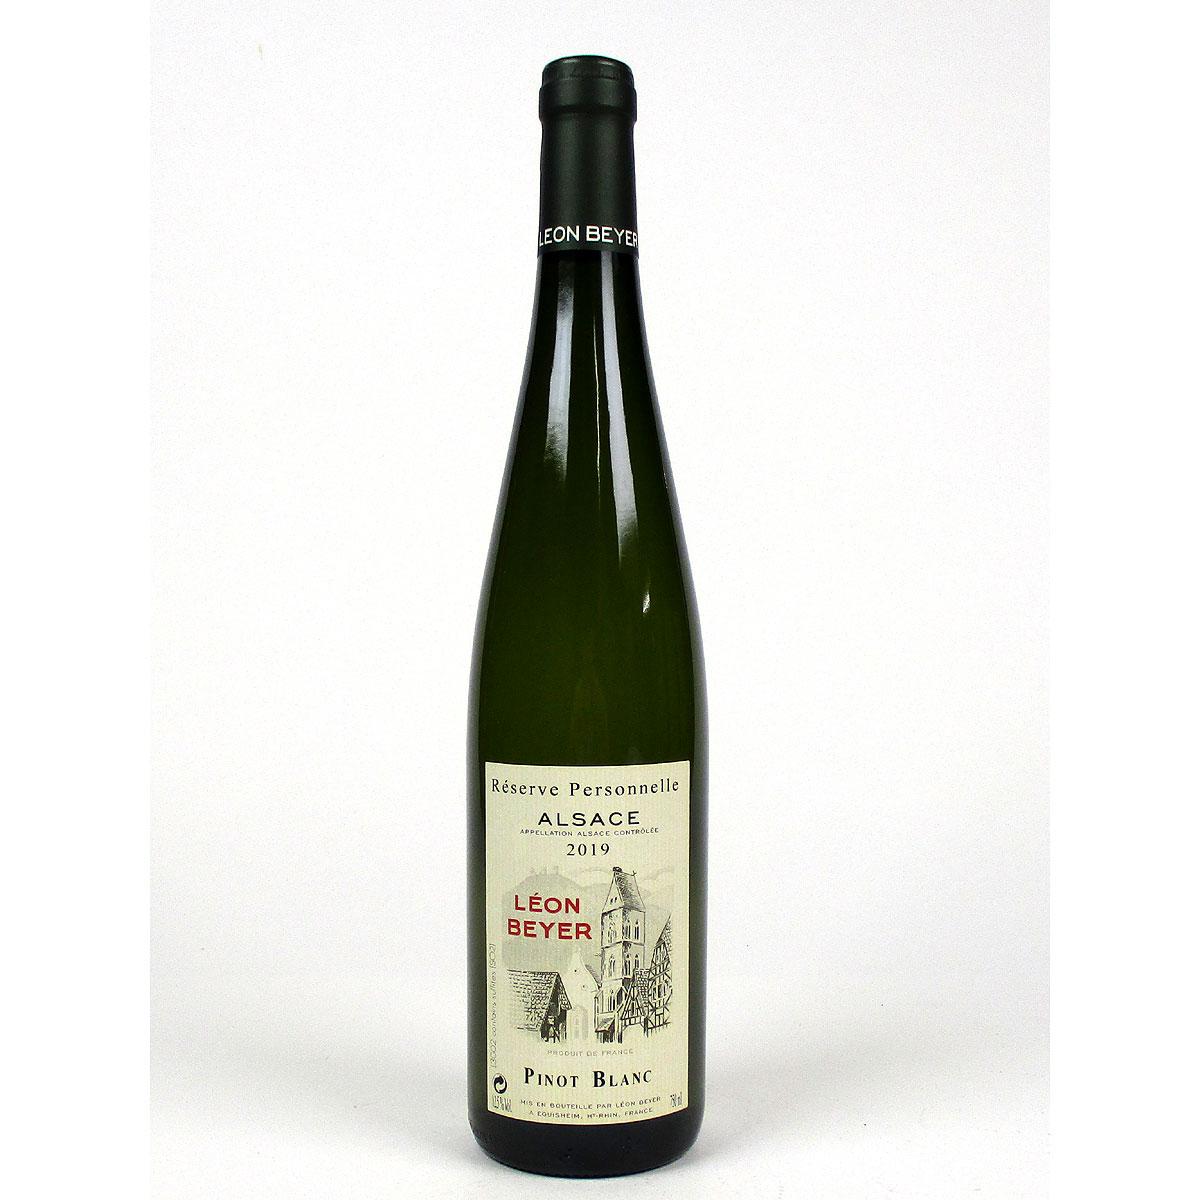 Alsace: Léon Beyer 'Réserve Personnelle' Pinot Blanc 2019 - Bottle